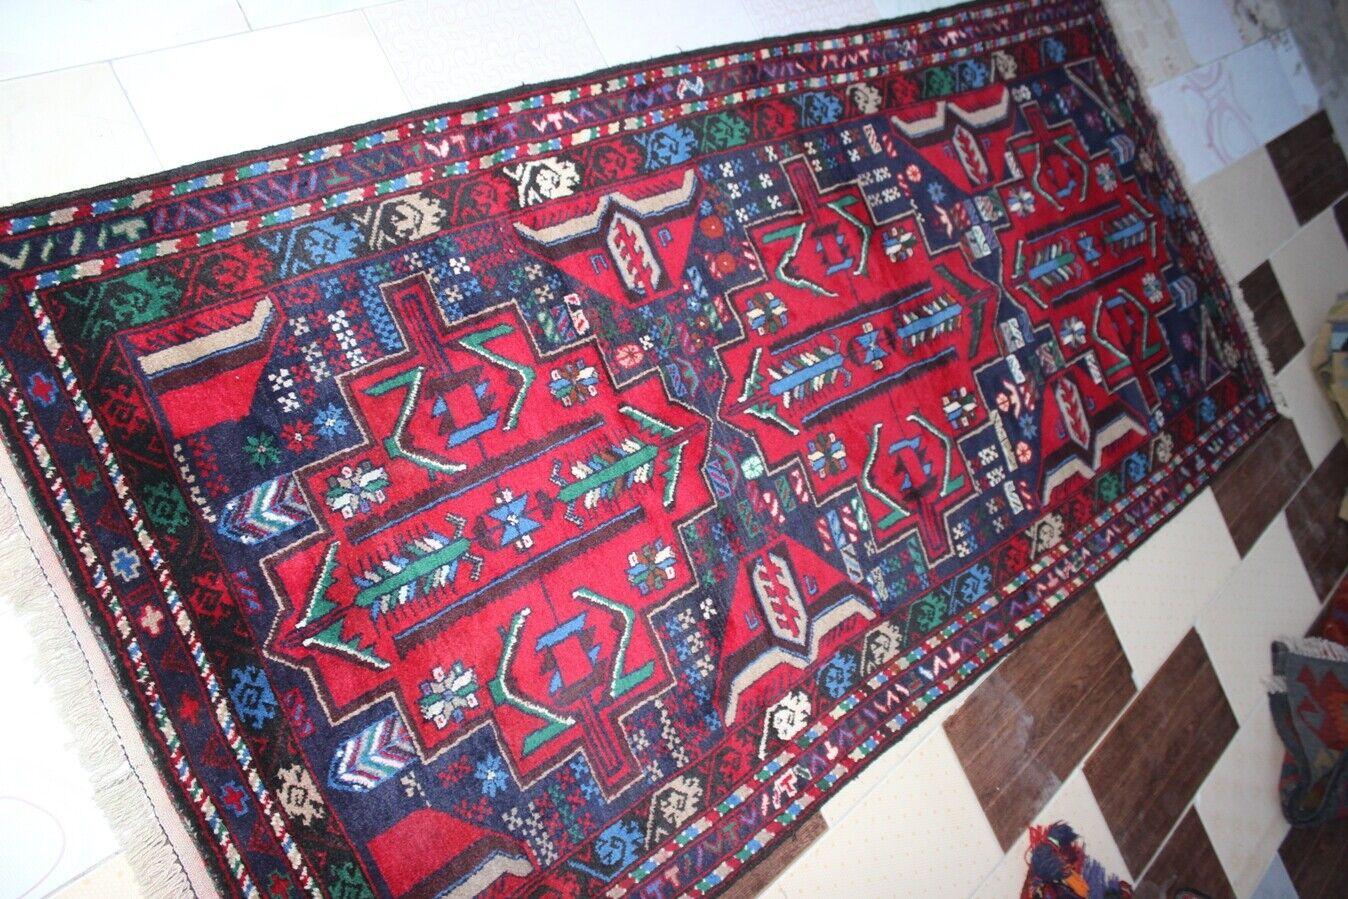 consegna veloce e spedizione gratuita per tutti gli ordini 3864. Tribale Tribale Tribale Afgano Mano Annodato Di Lana Tribal Rug PITTORICA Taglia... 243 x109 cm  negozio online